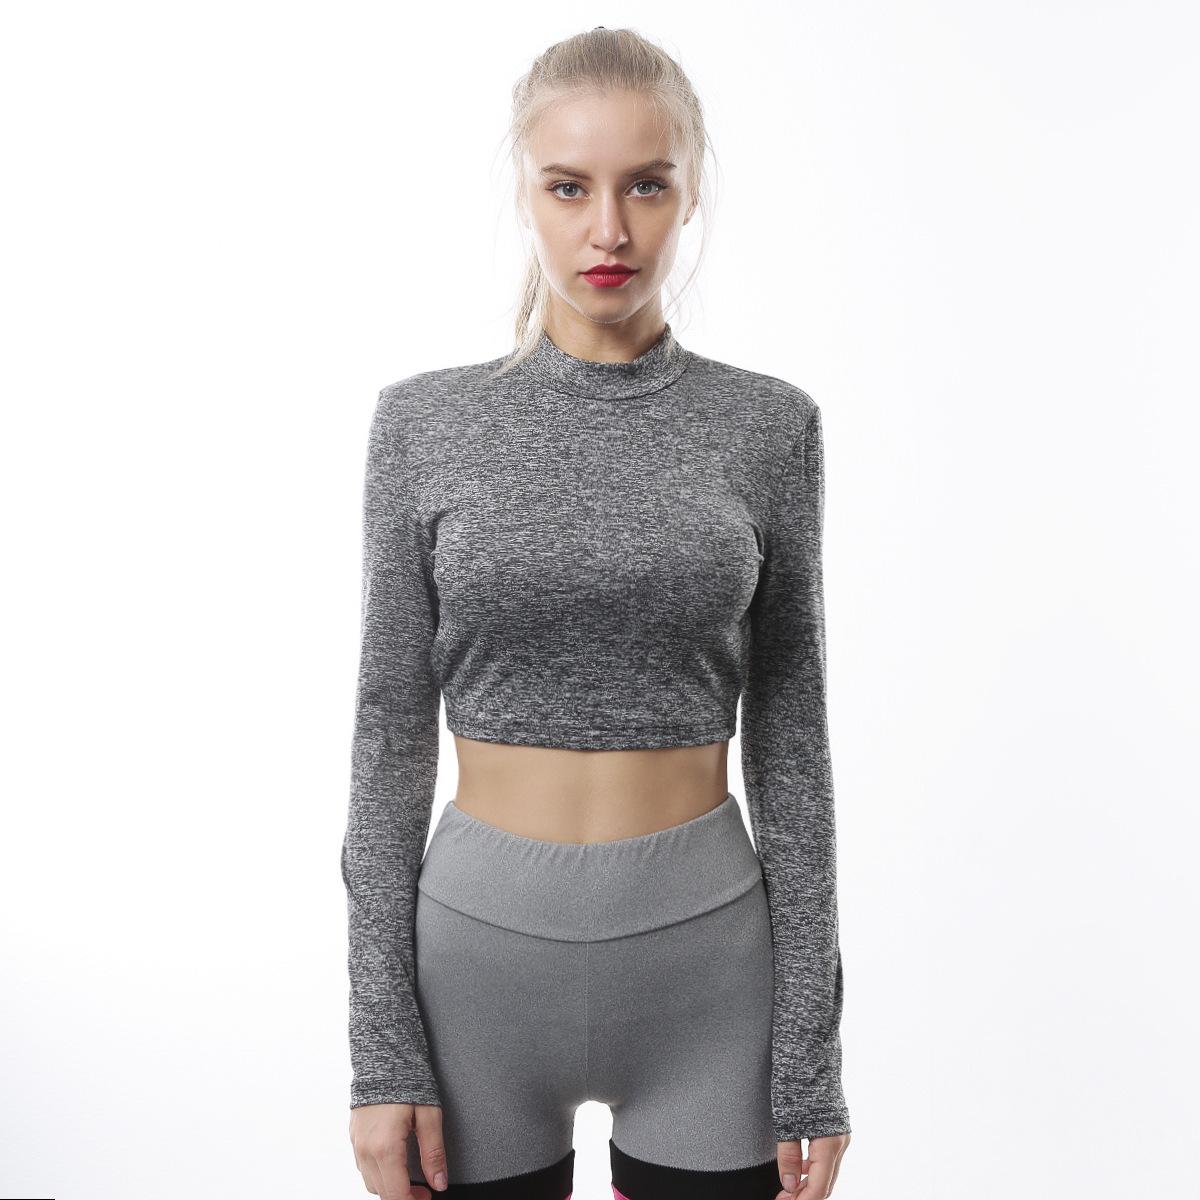 507ae8a057ab0 Compre PENERAN T Shirt Esportiva Mulher Fitness Gym Colheita Top ...